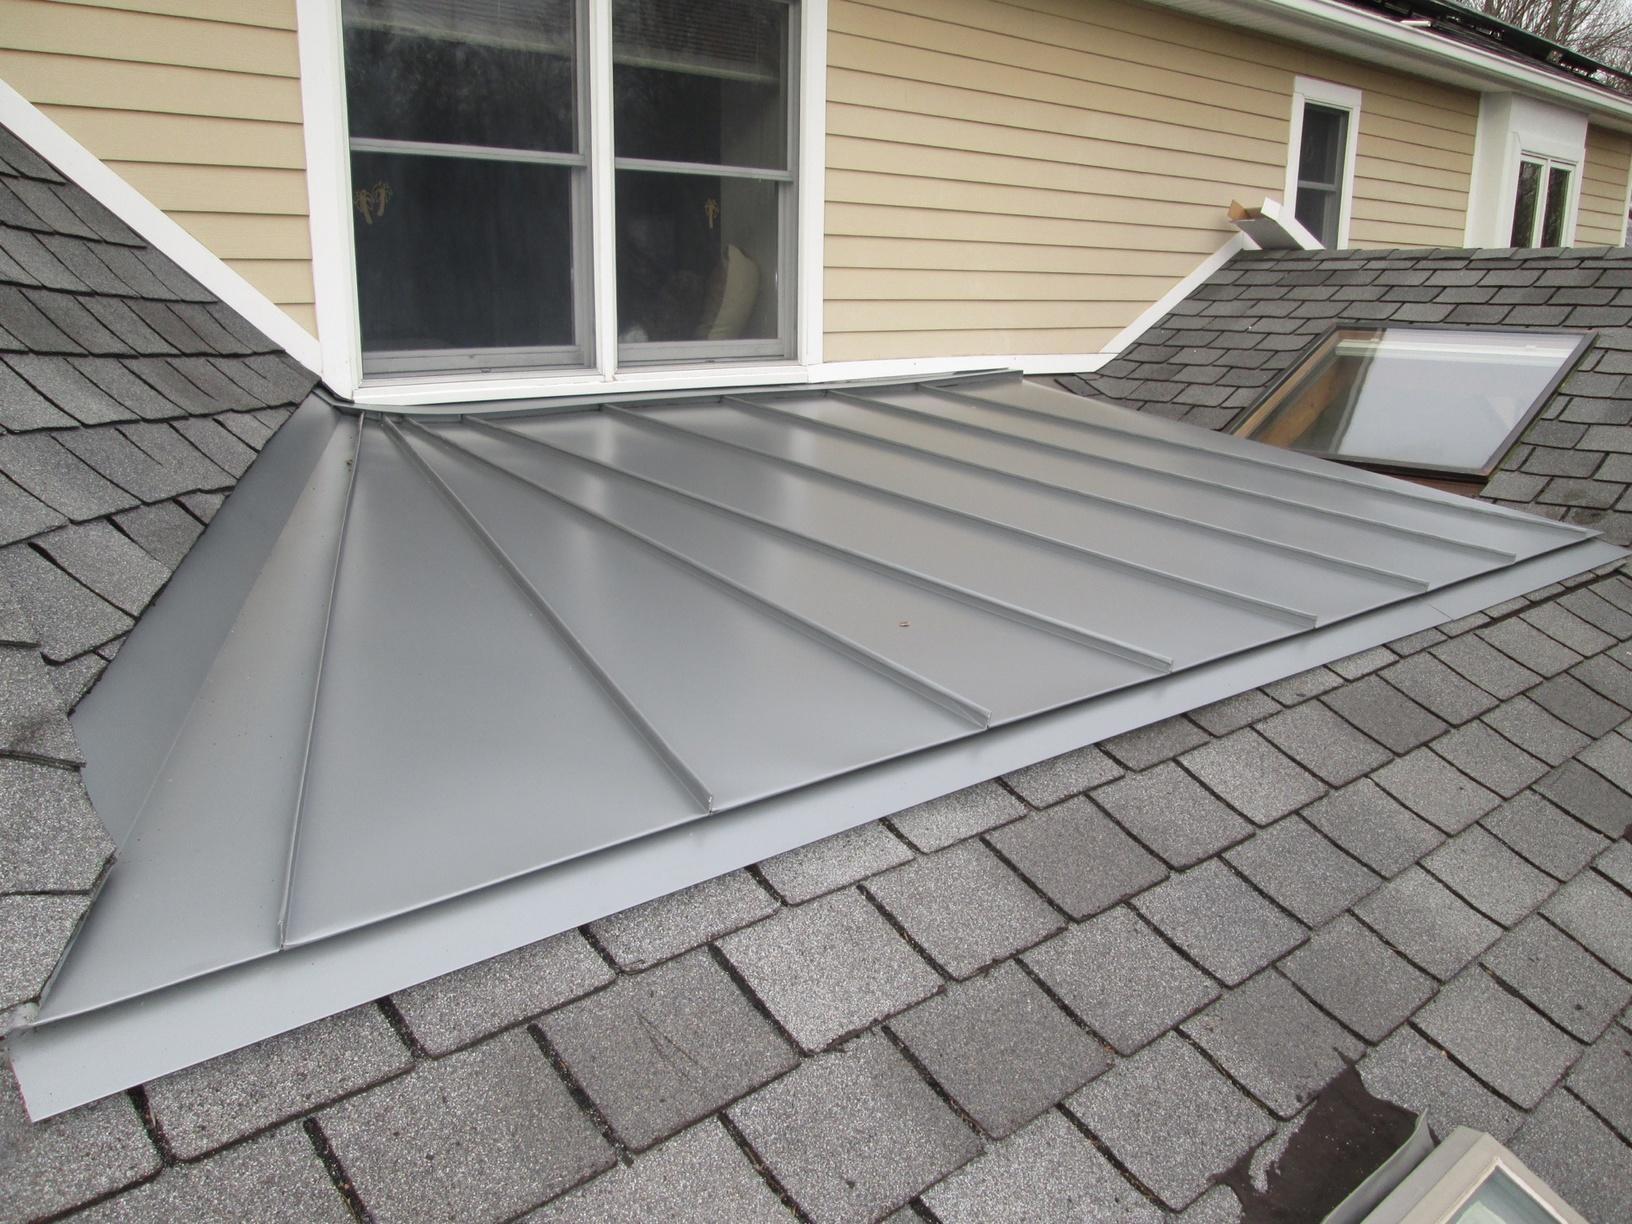 Low Slope Standing Seam Roof in Flanders, NJ